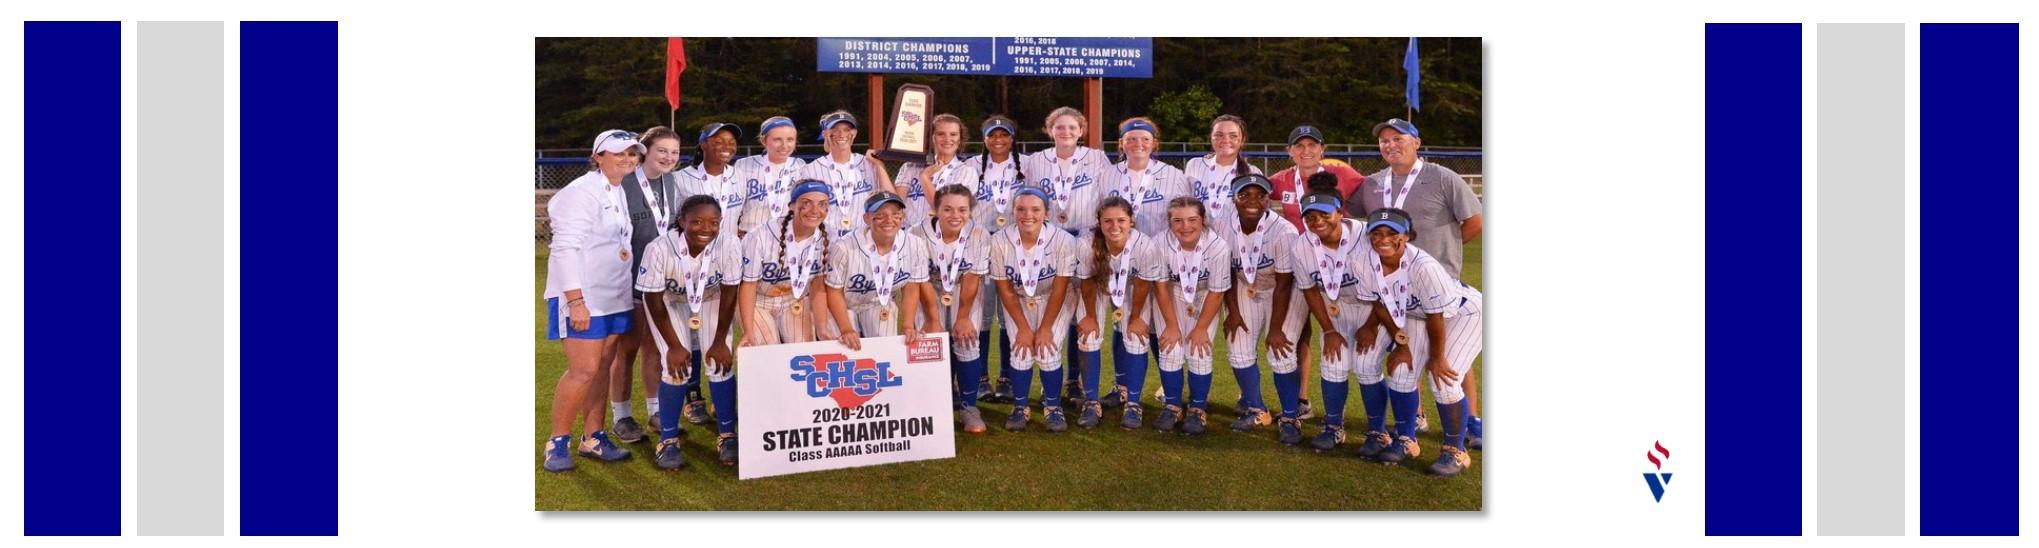 Softball wins State Title!!